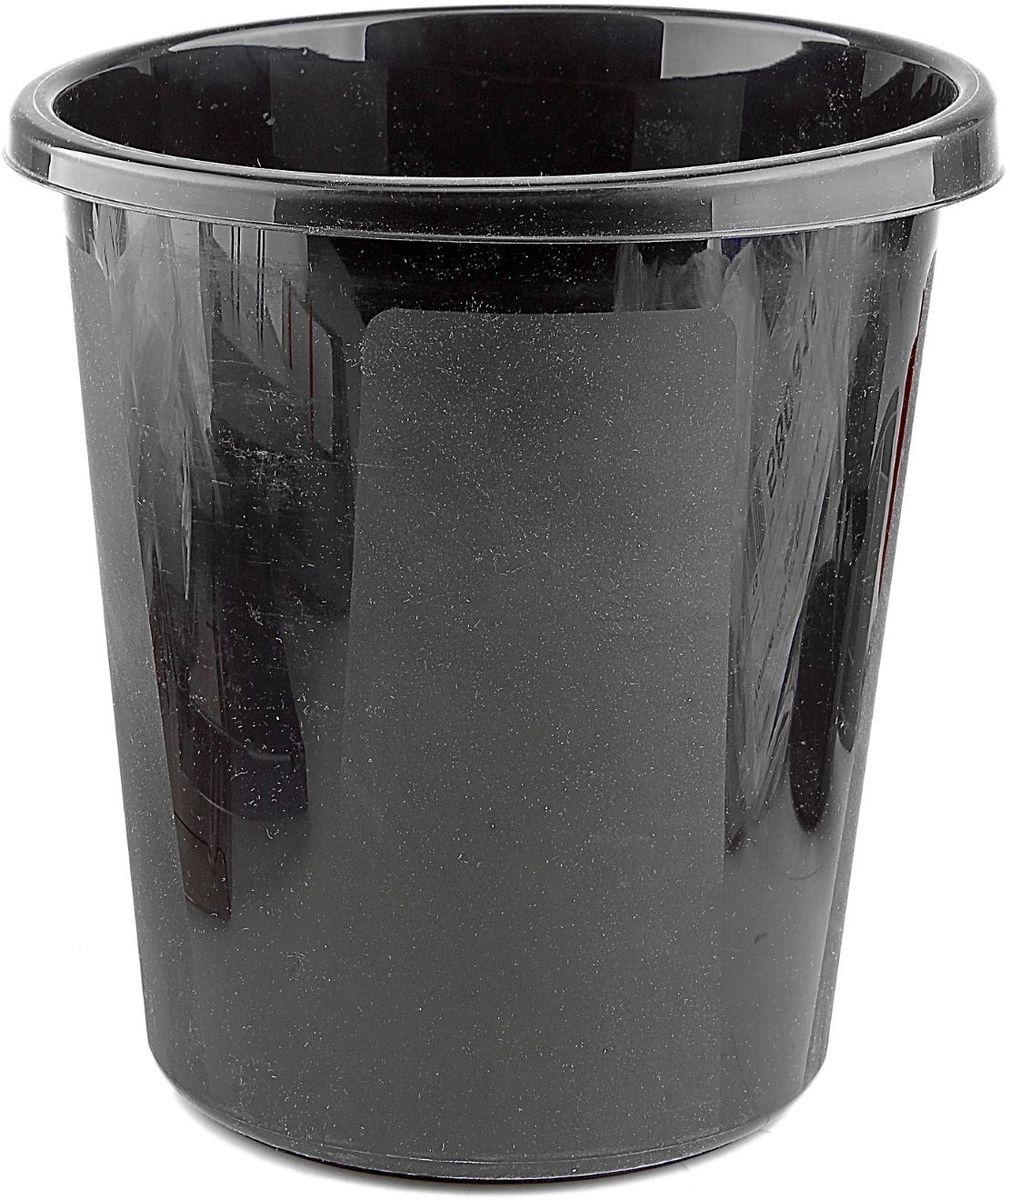 Корзина для бумаг 9 л цвет черный корзина для бумаг цельнолитая черная 18 литров